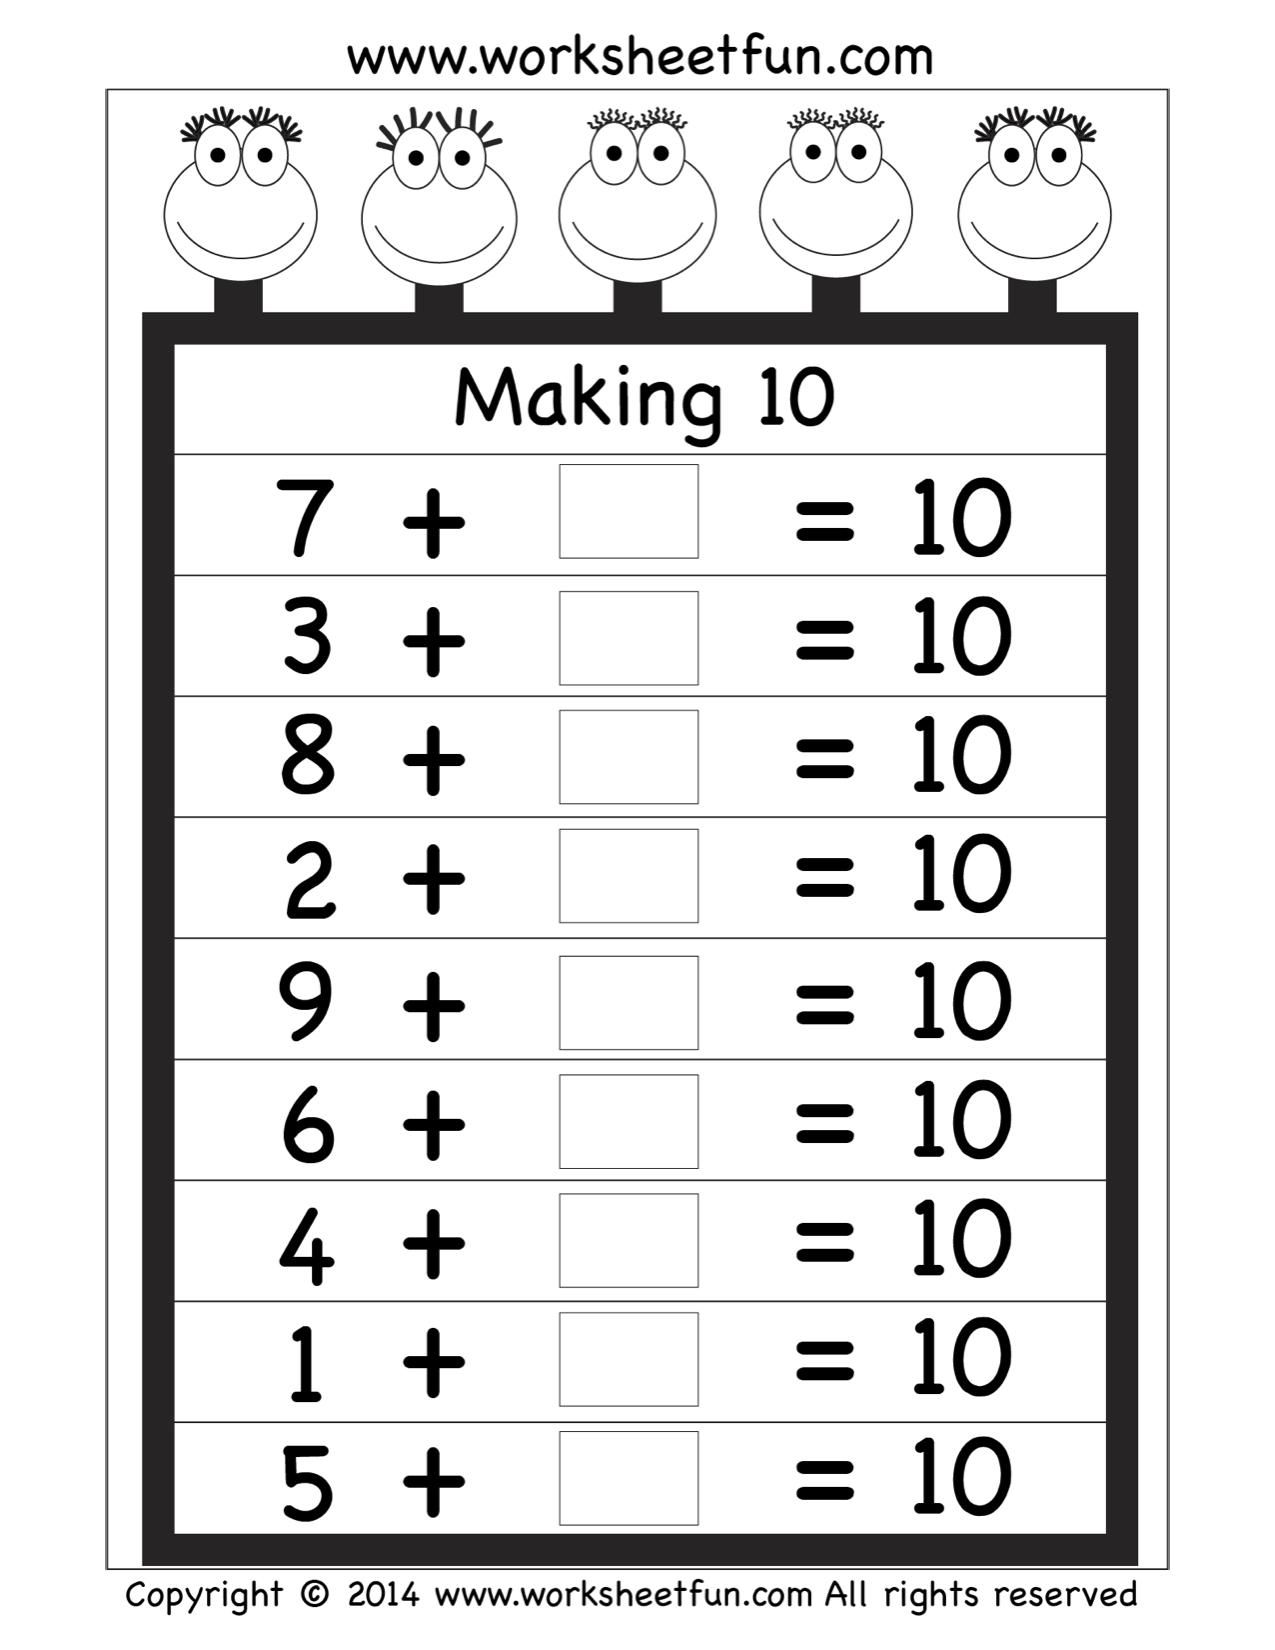 Free Making 10 Worksheet